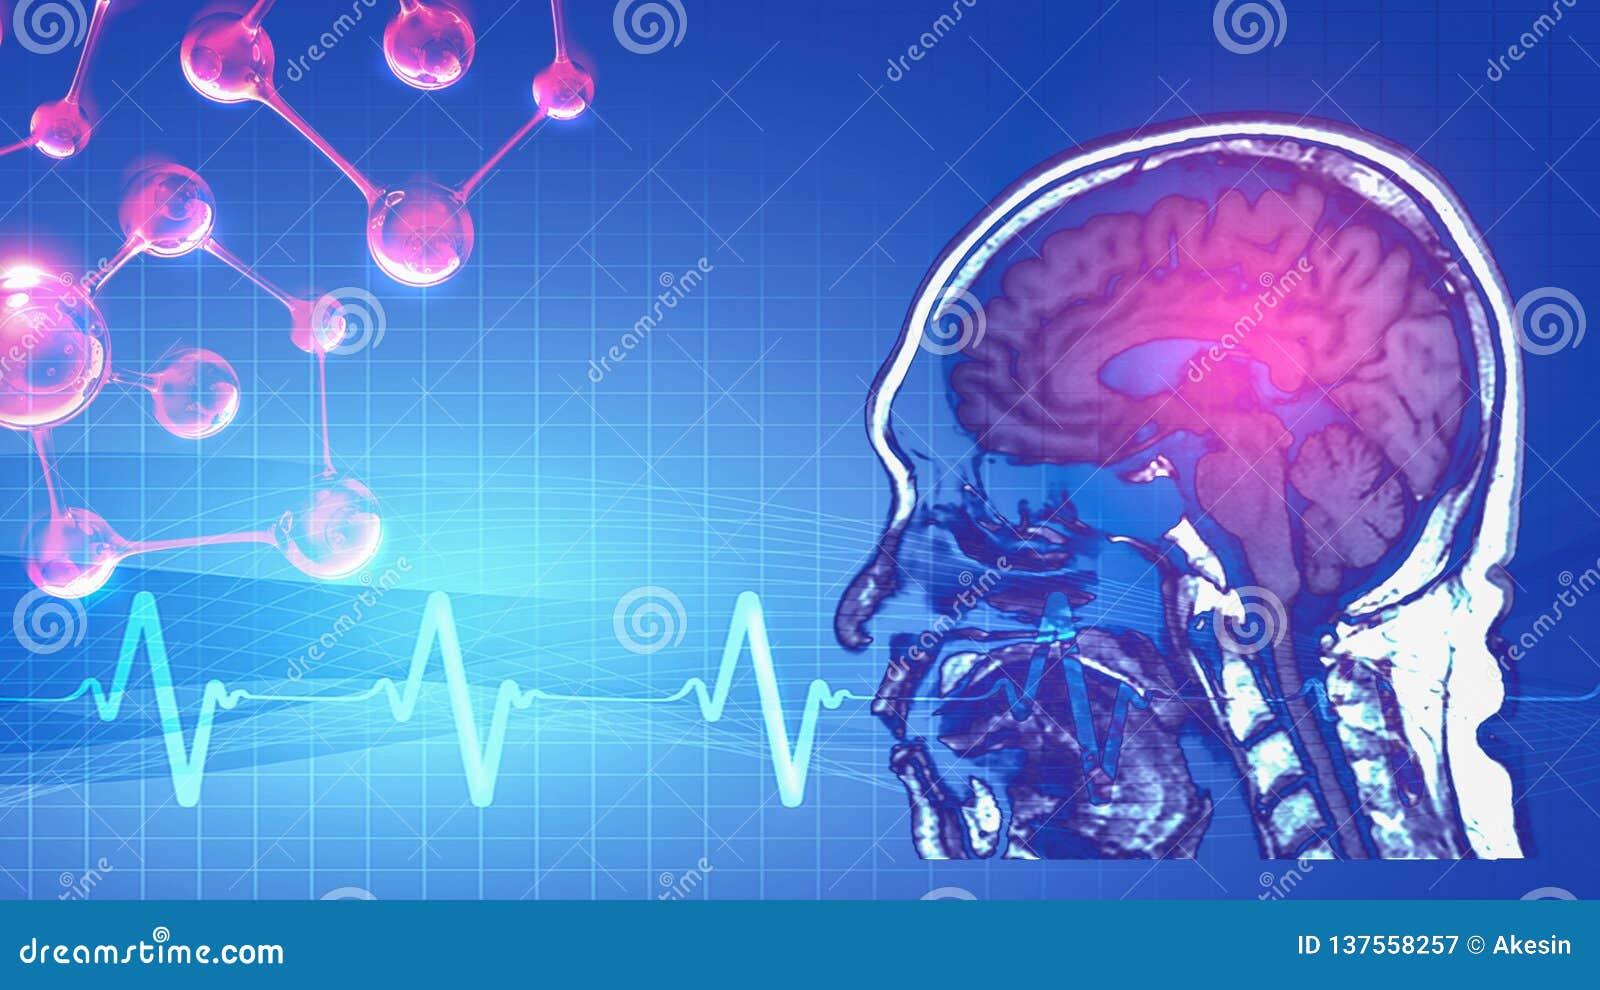 Magnetic resonance image MRI of brain